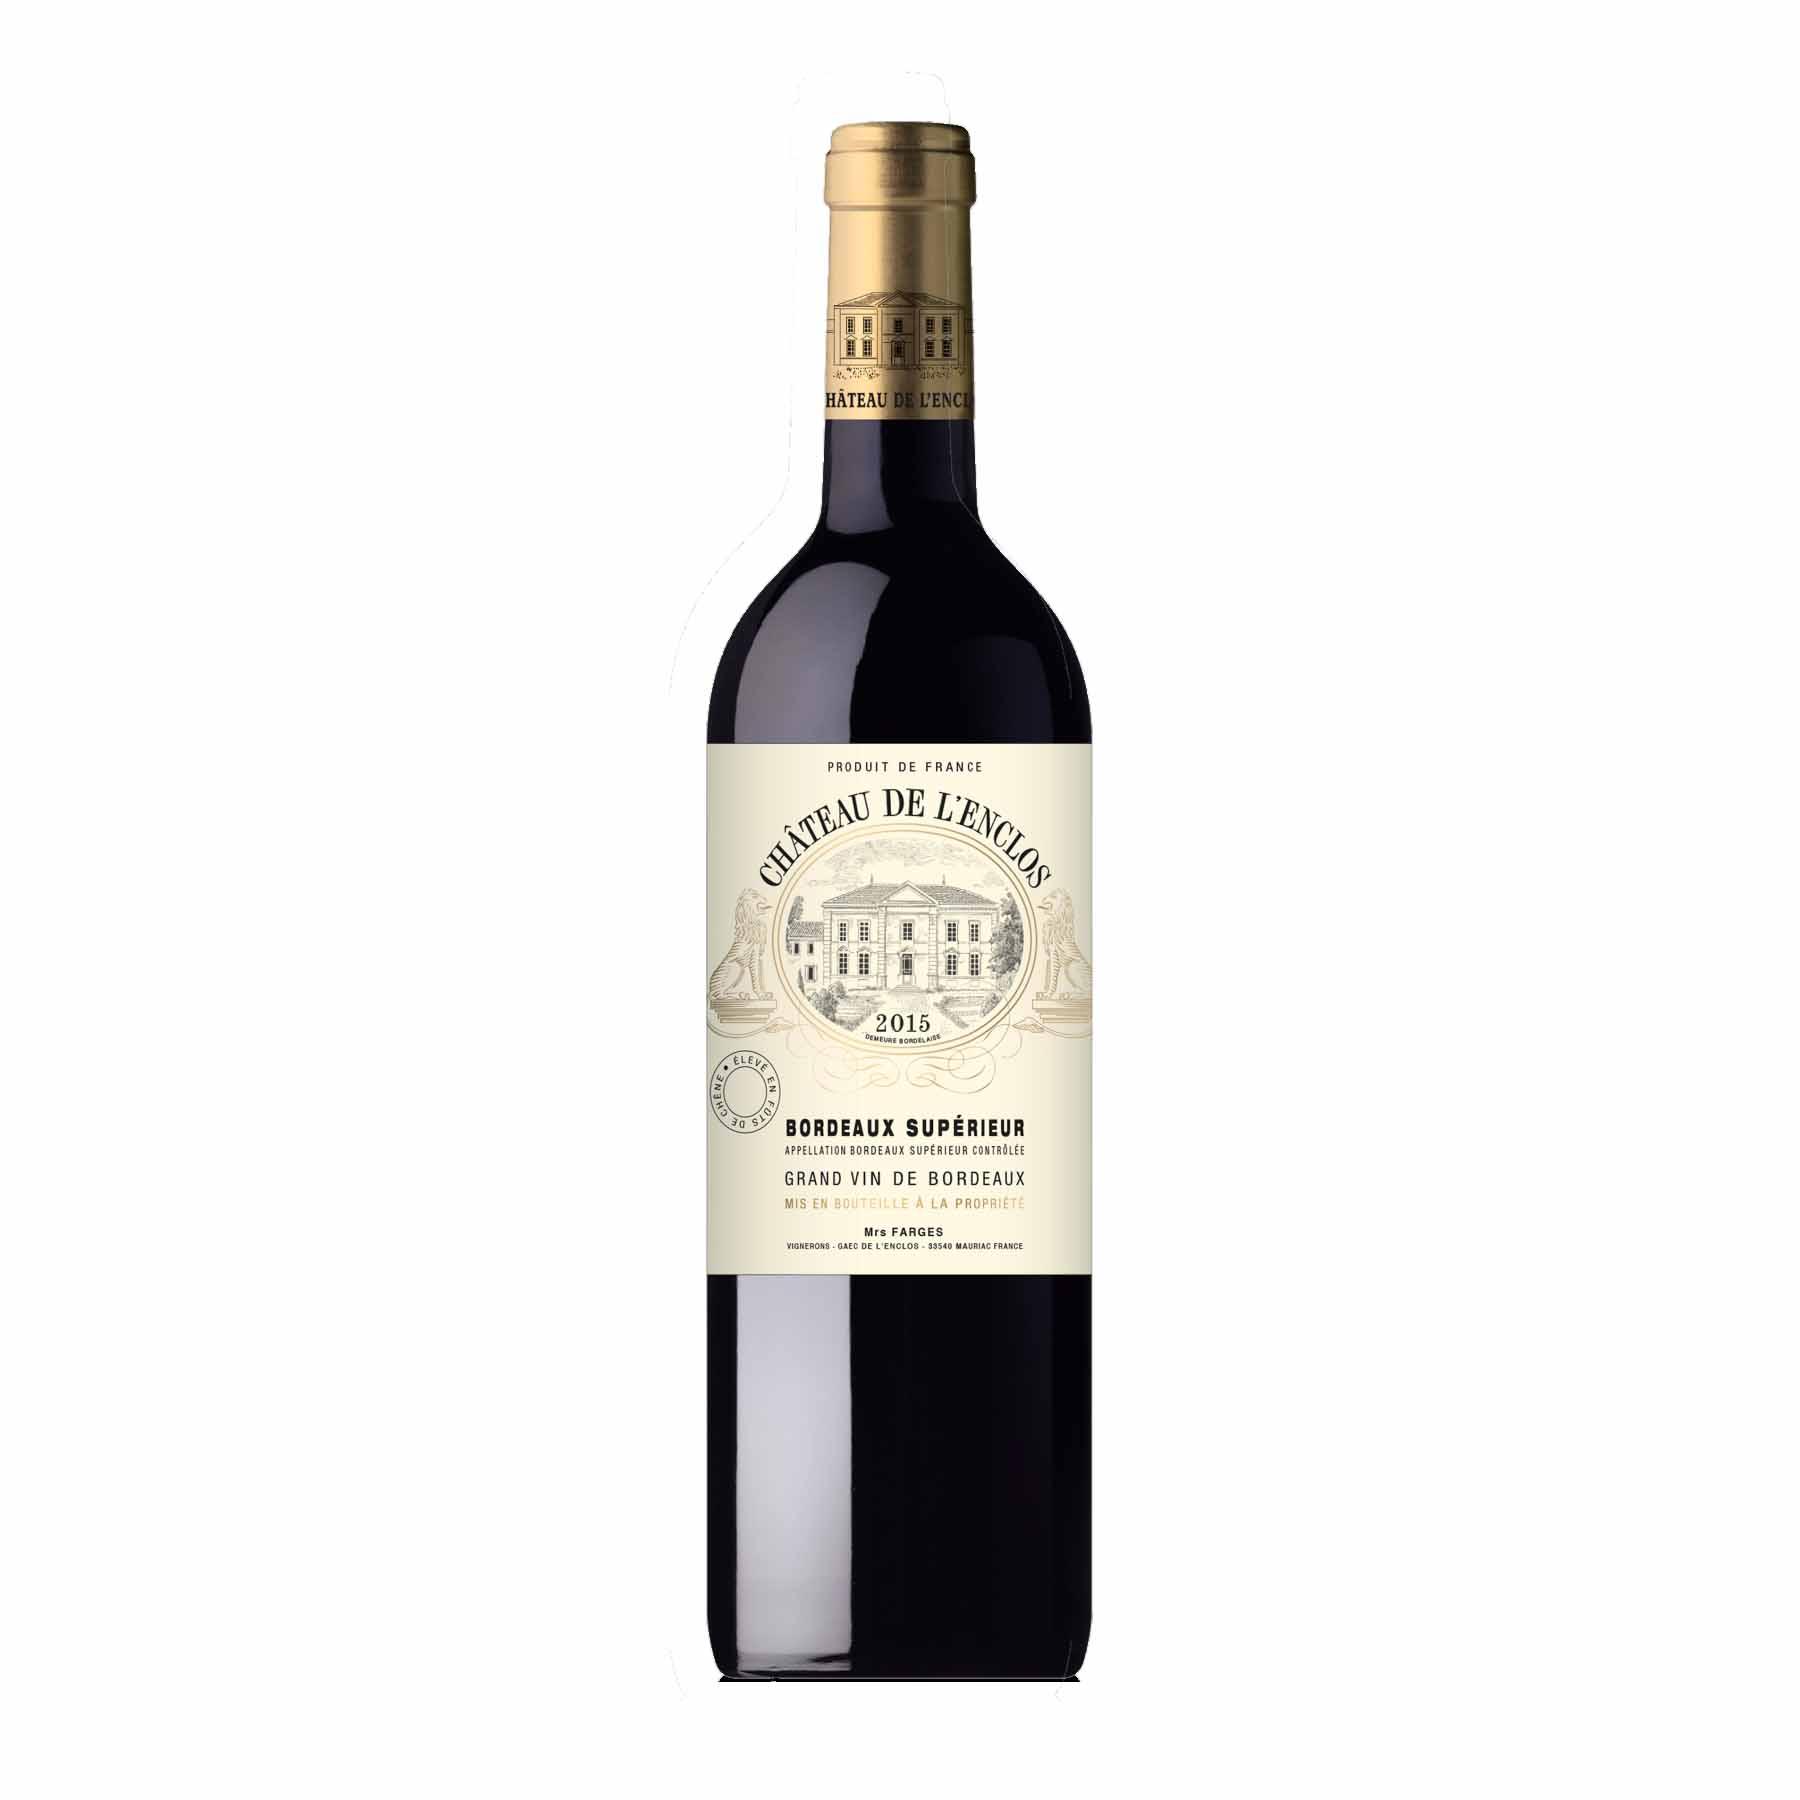 Vinho Tinto Francês Château De L'enclos Bourdeaux Supérieur 2015